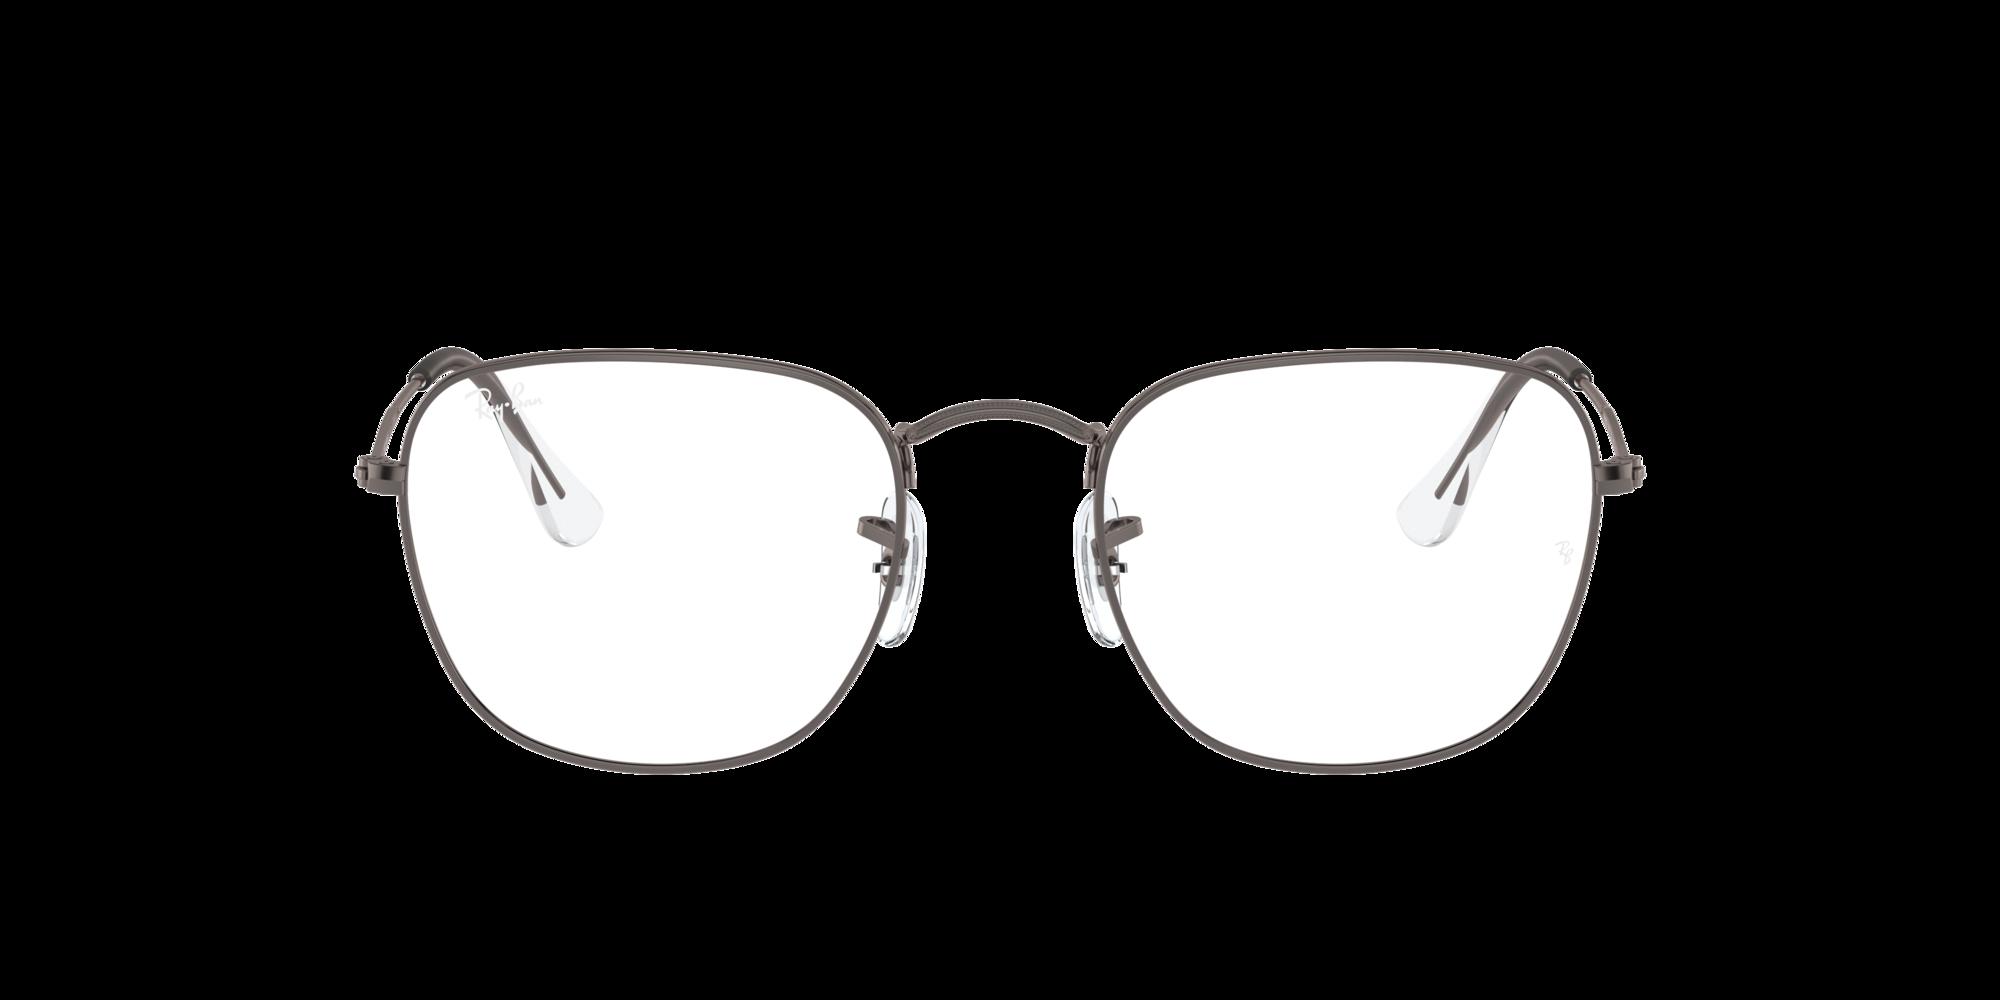 Imagen para RX3857V FRANK de LensCrafters    Espejuelos, espejuelos graduados en línea, gafas